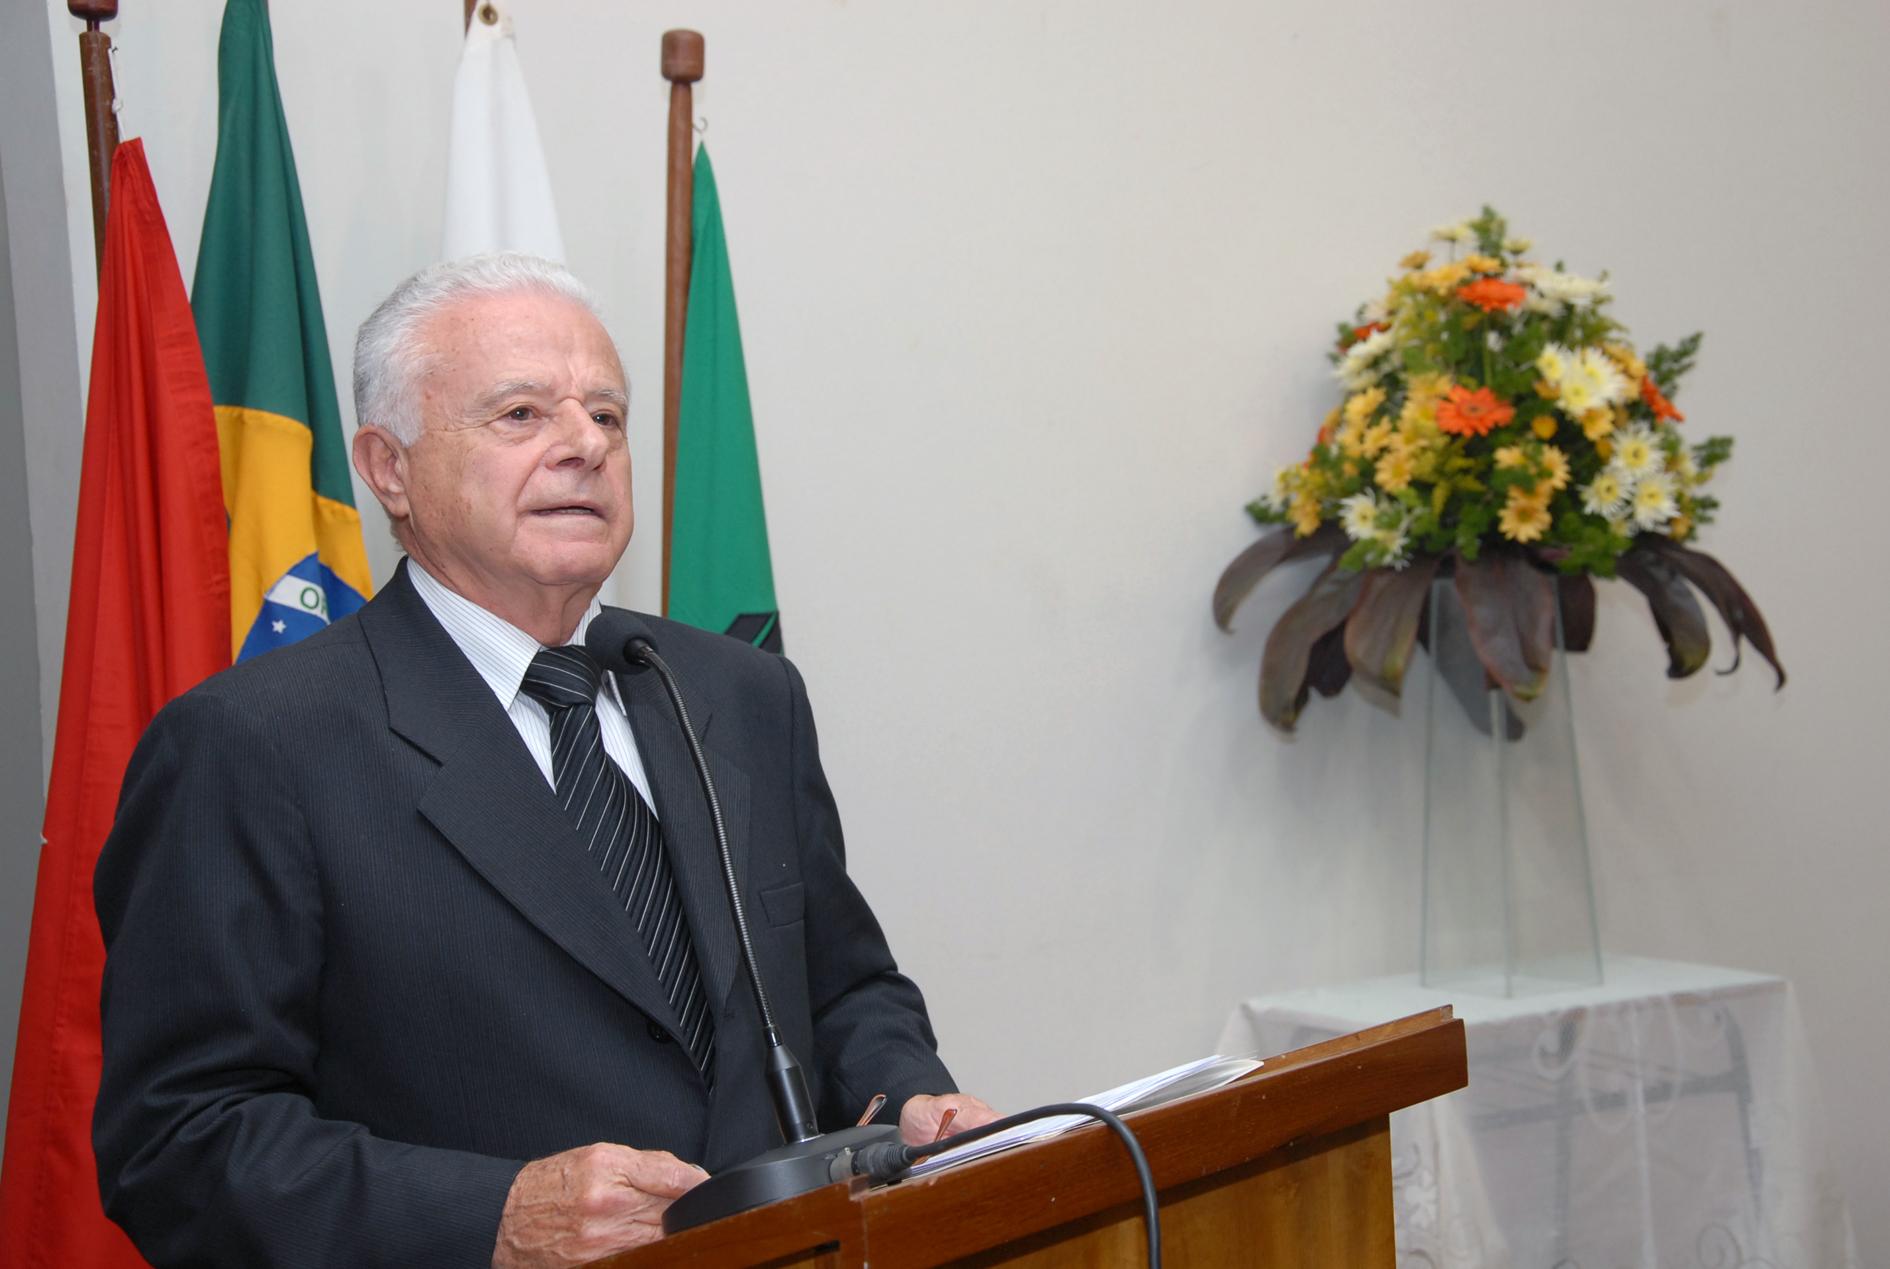 PROFESSOR BACCARIN: A PRESCRIÇÃO NO RESSARCIMENTO AO ERÁRIO PÚBLICO